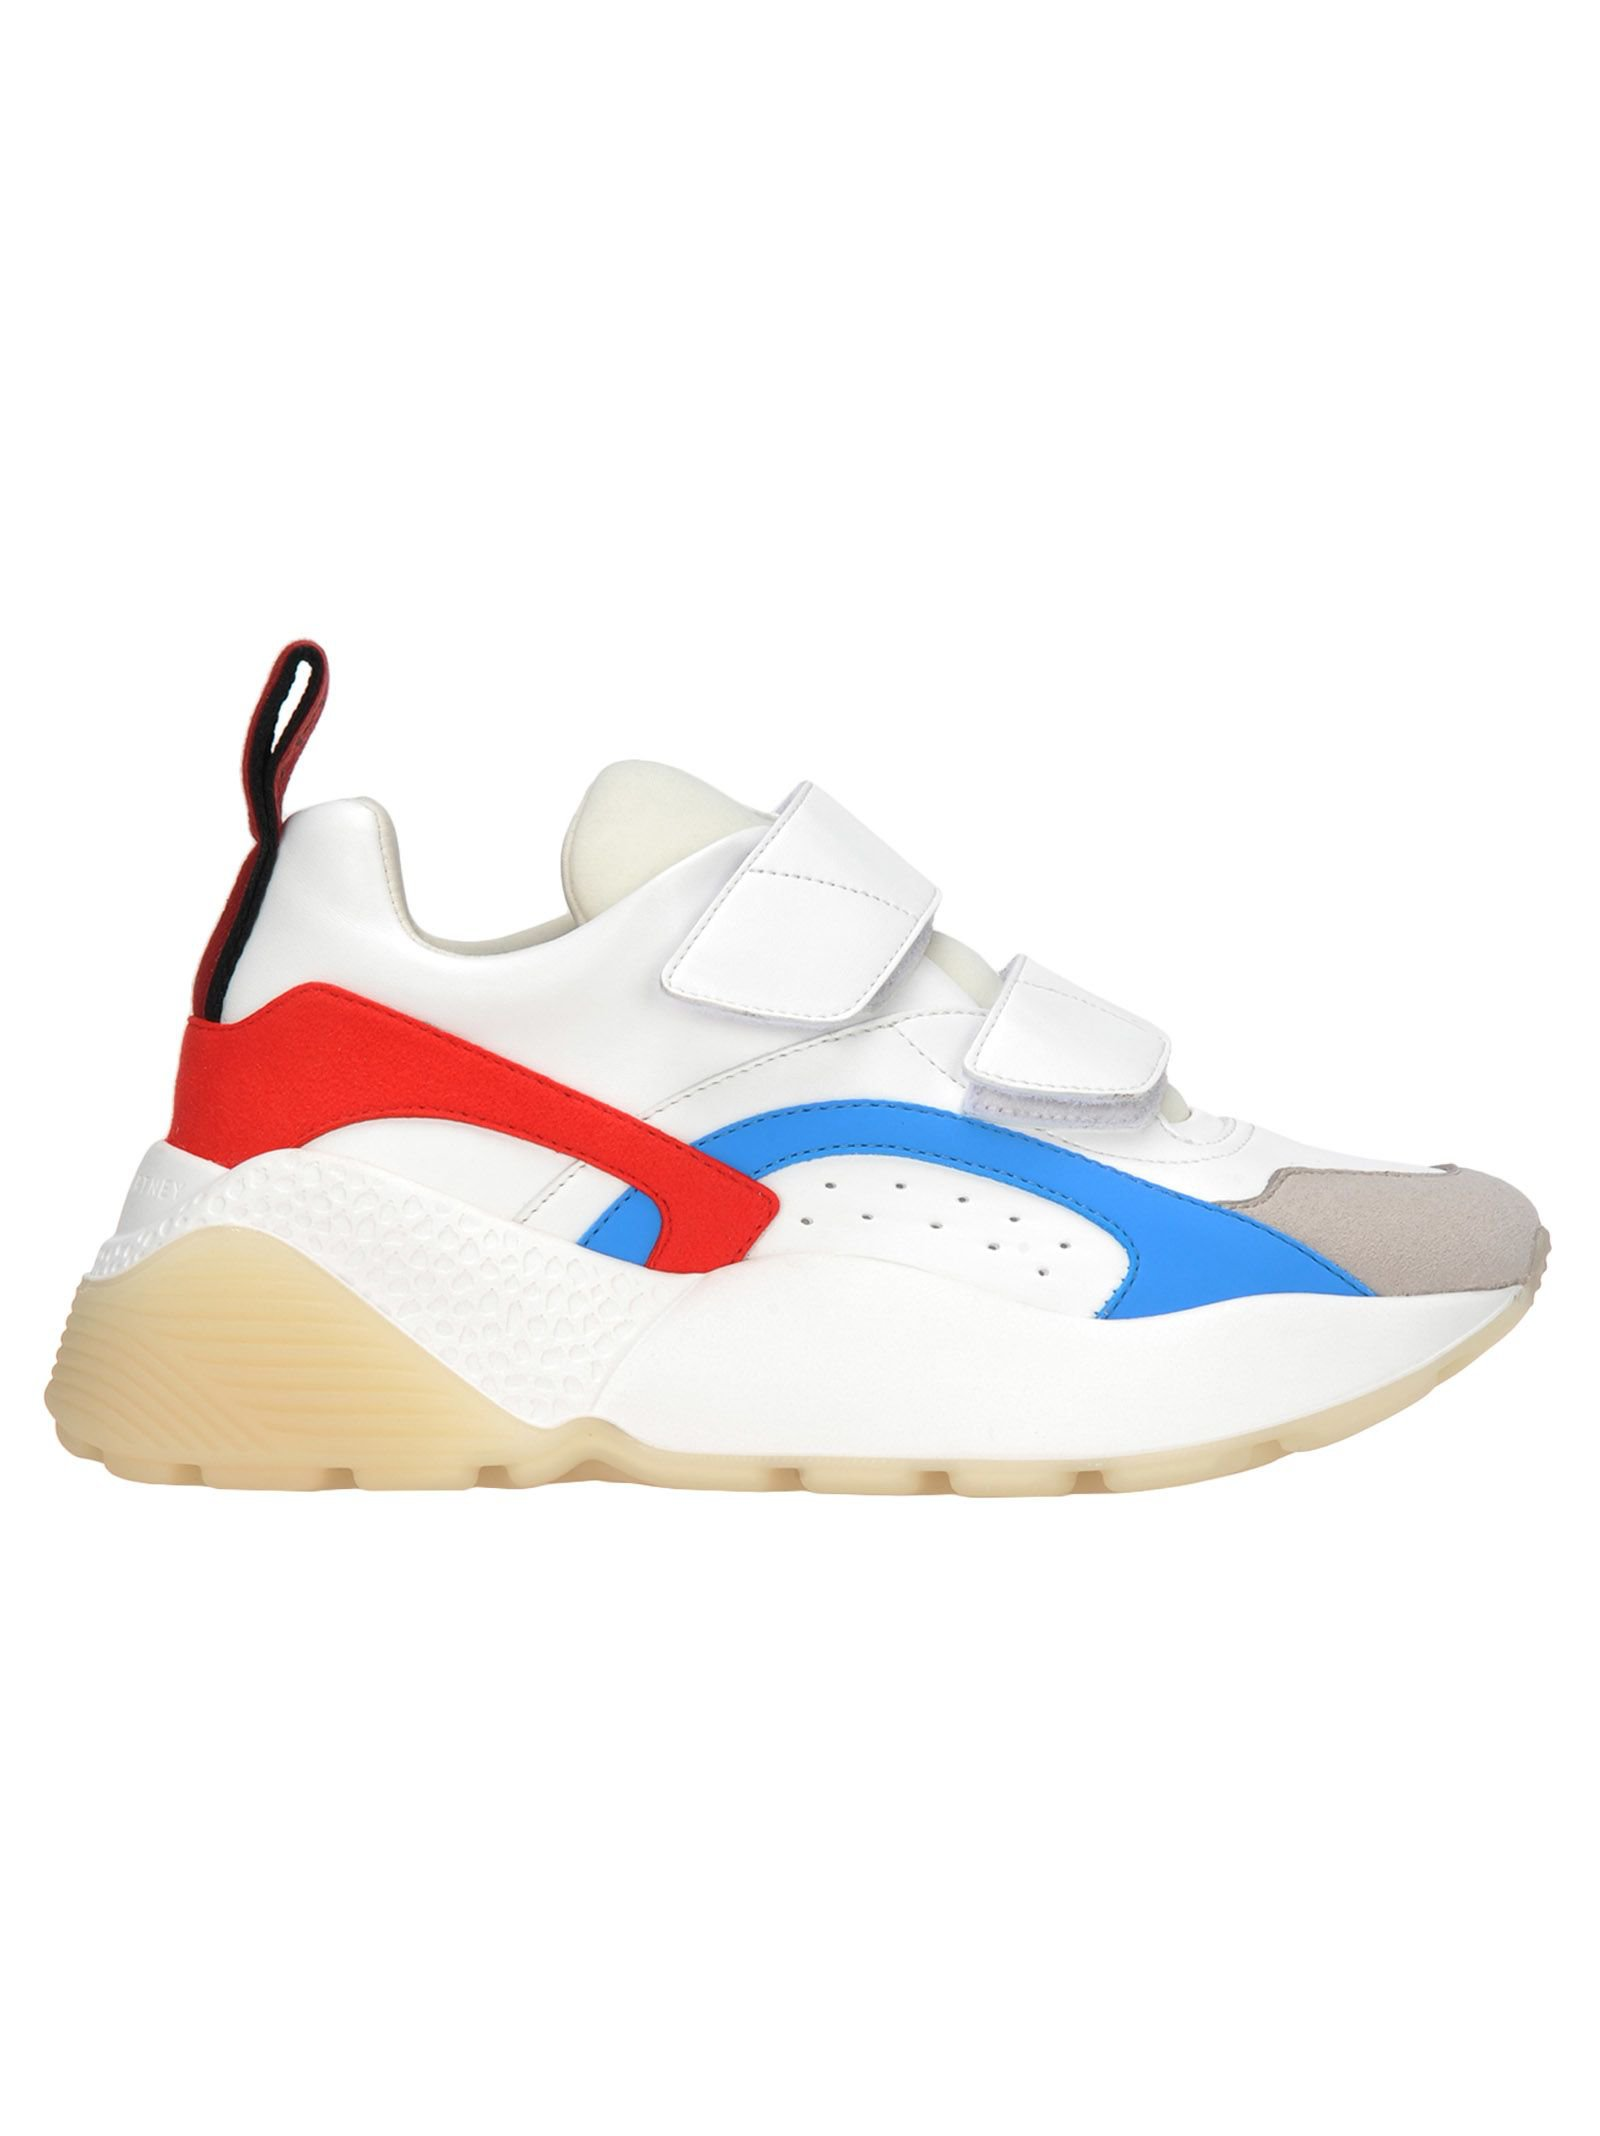 Stella Mccartney Stella Mccartney Eclypse Velcro Sneakers